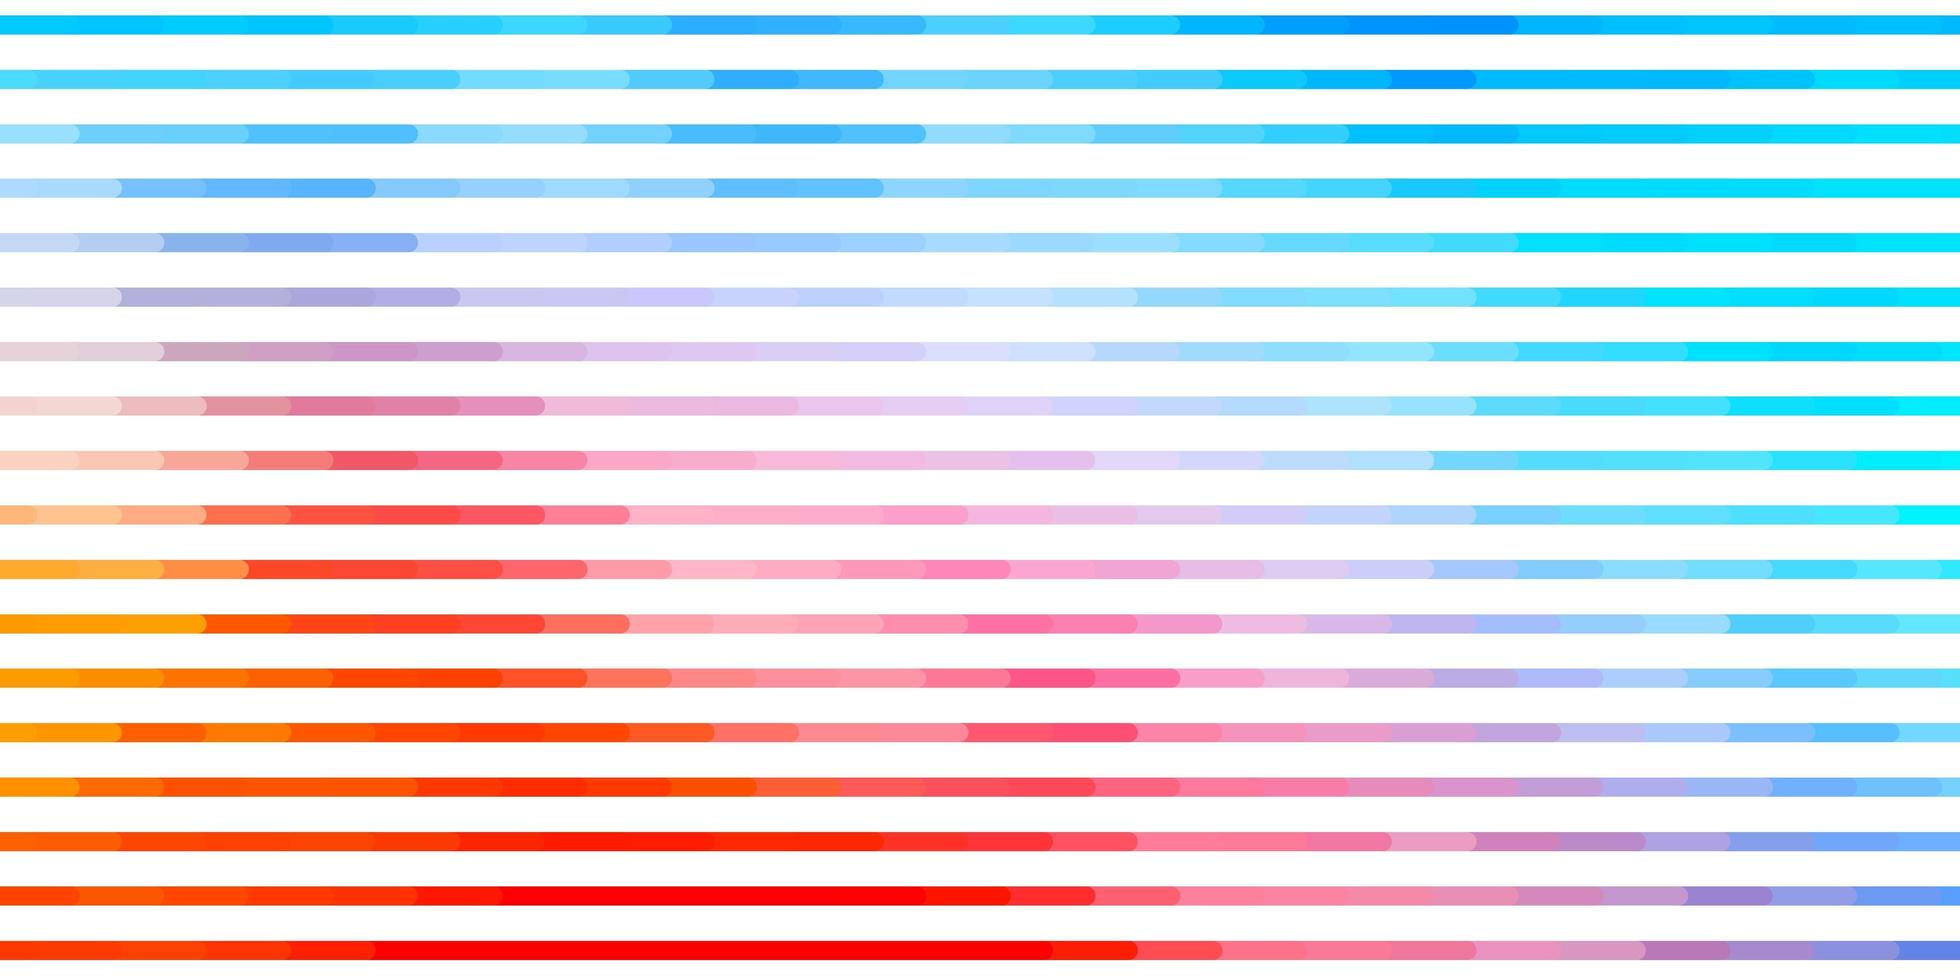 lichtblauwe, rode vectorachtergrond met lijnen. vector